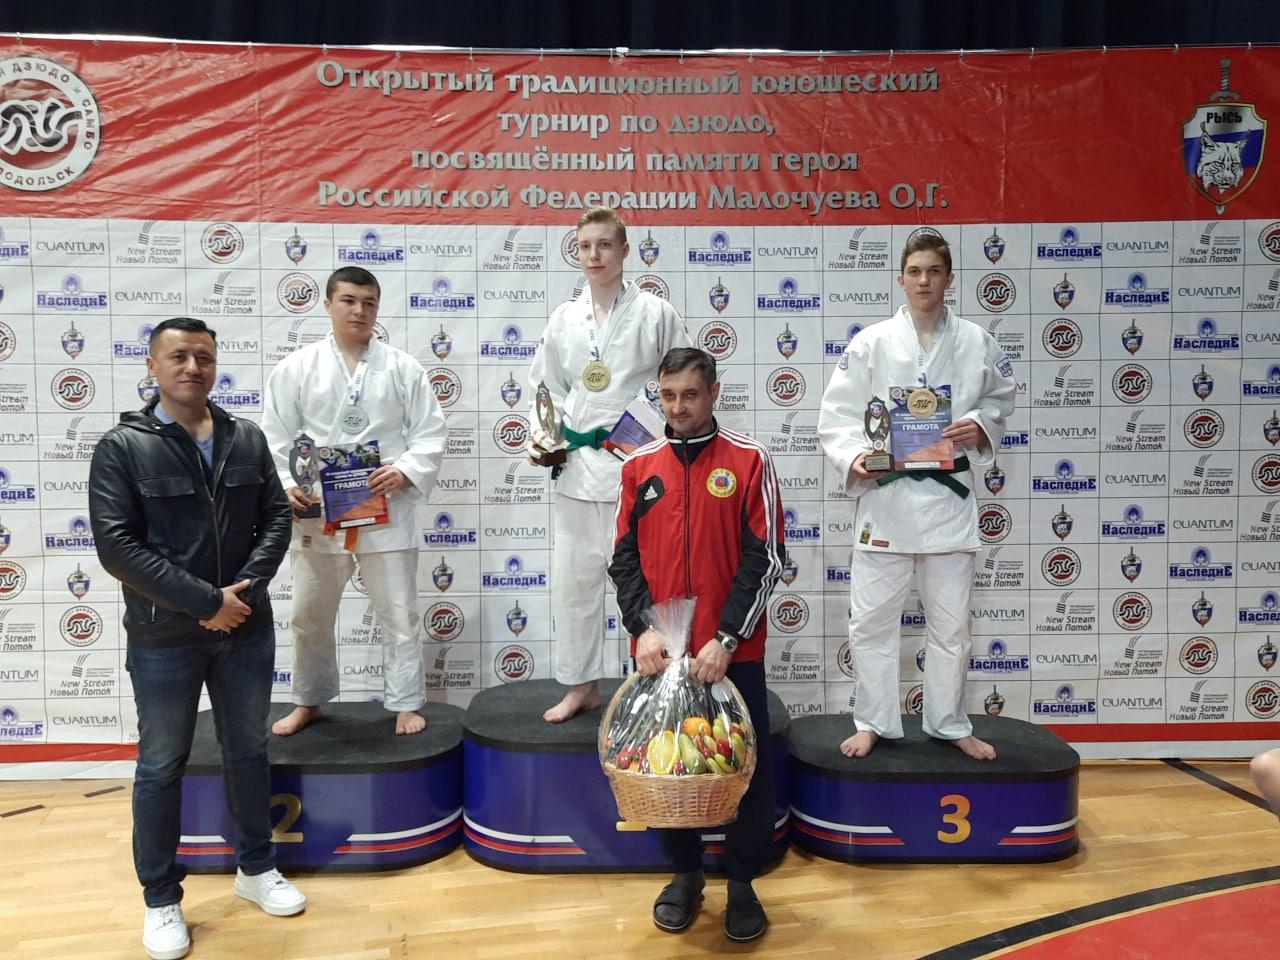 КОЛОМНАСПОРТ - Спорт в Коломне Коломенец завоевал бронзу межобластного первенства по дзюдо